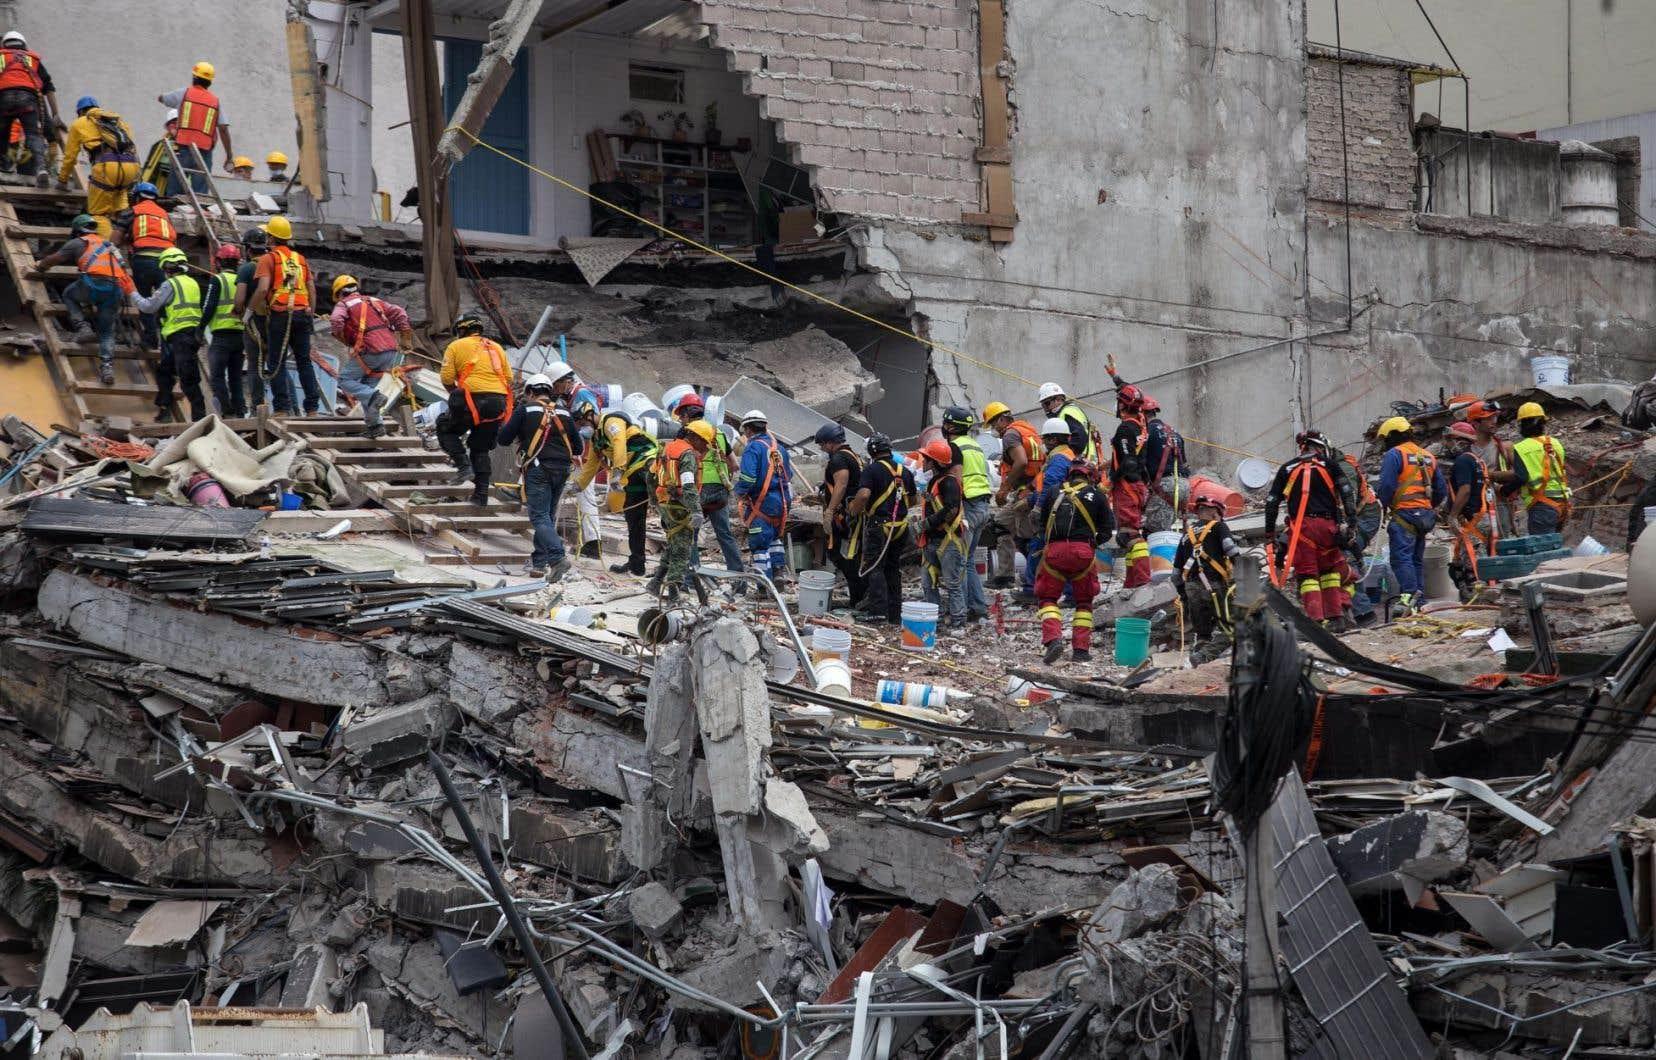 Le bilan du séisme de magnitude 7,1 qui a frappé le 19septembre est monté dimanche à 320 morts, dont 182 dans la capitale, où vivent 20millions de personnes.